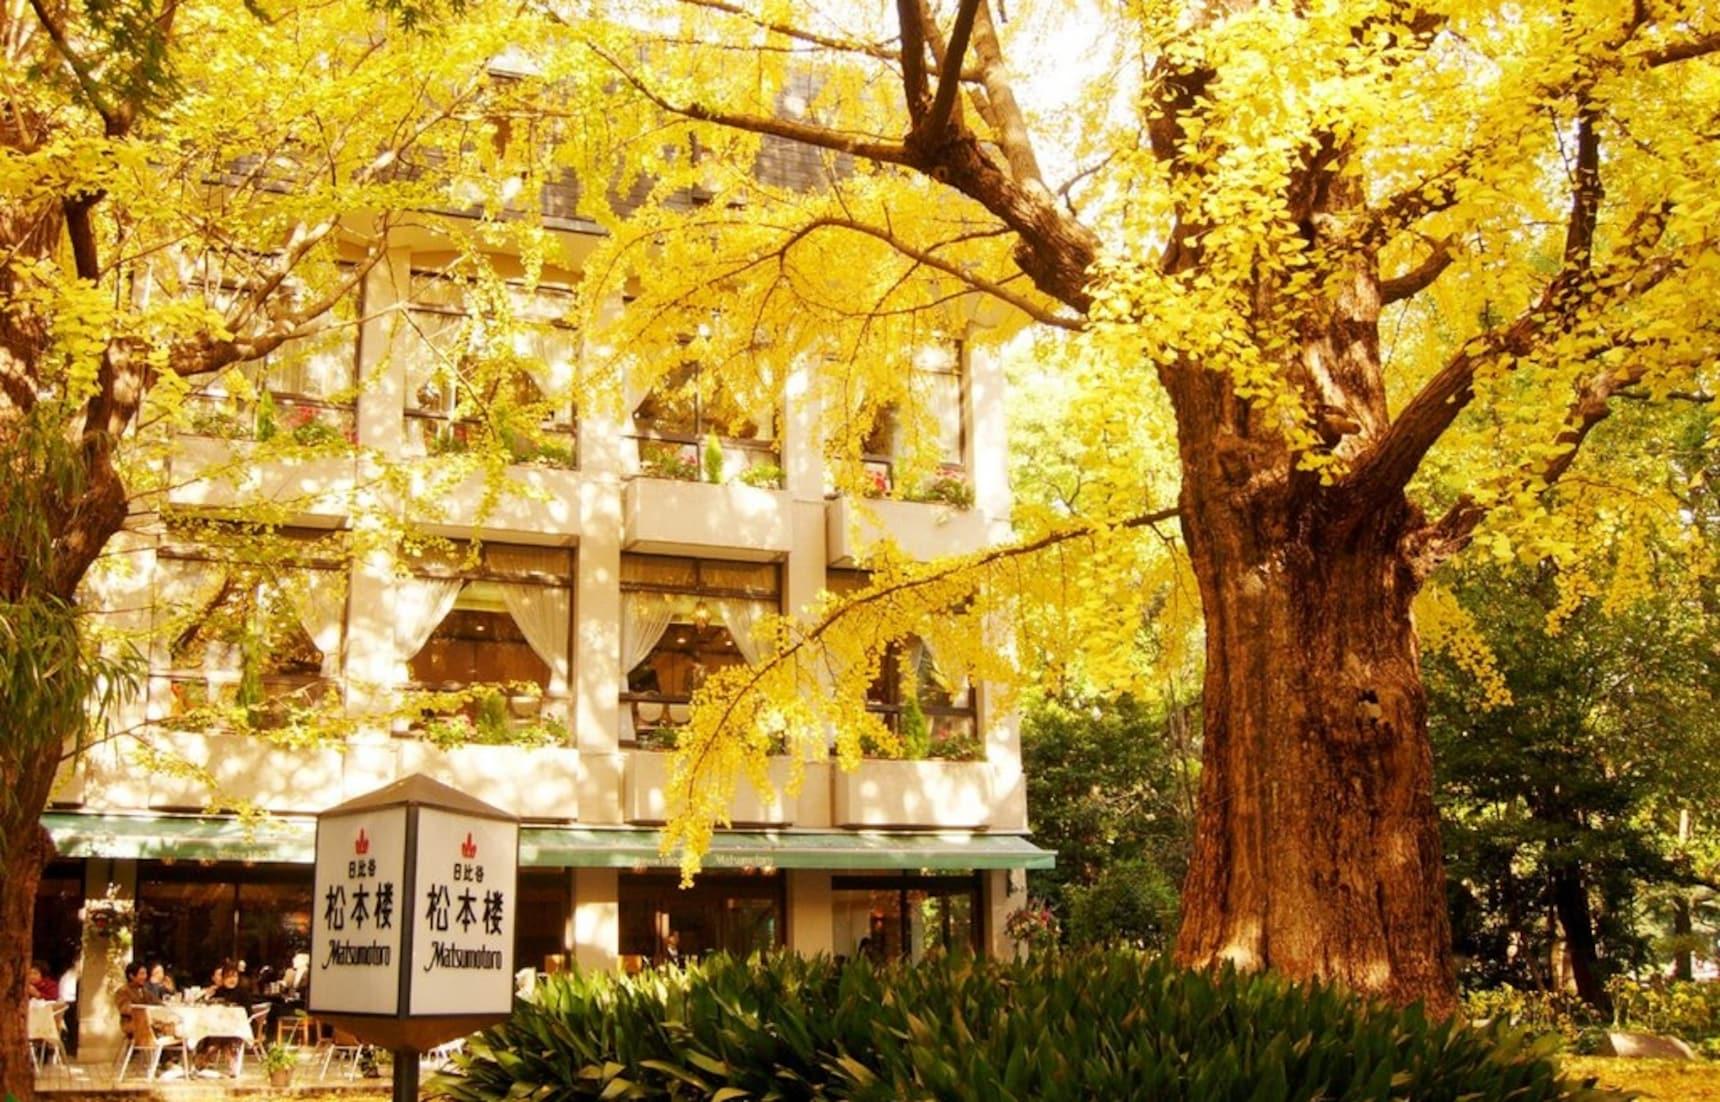 ชวนไปนั่งชิล ชมใบไม้เปลี่ยนสีที่ 5 คาเฟ่ Tokyo